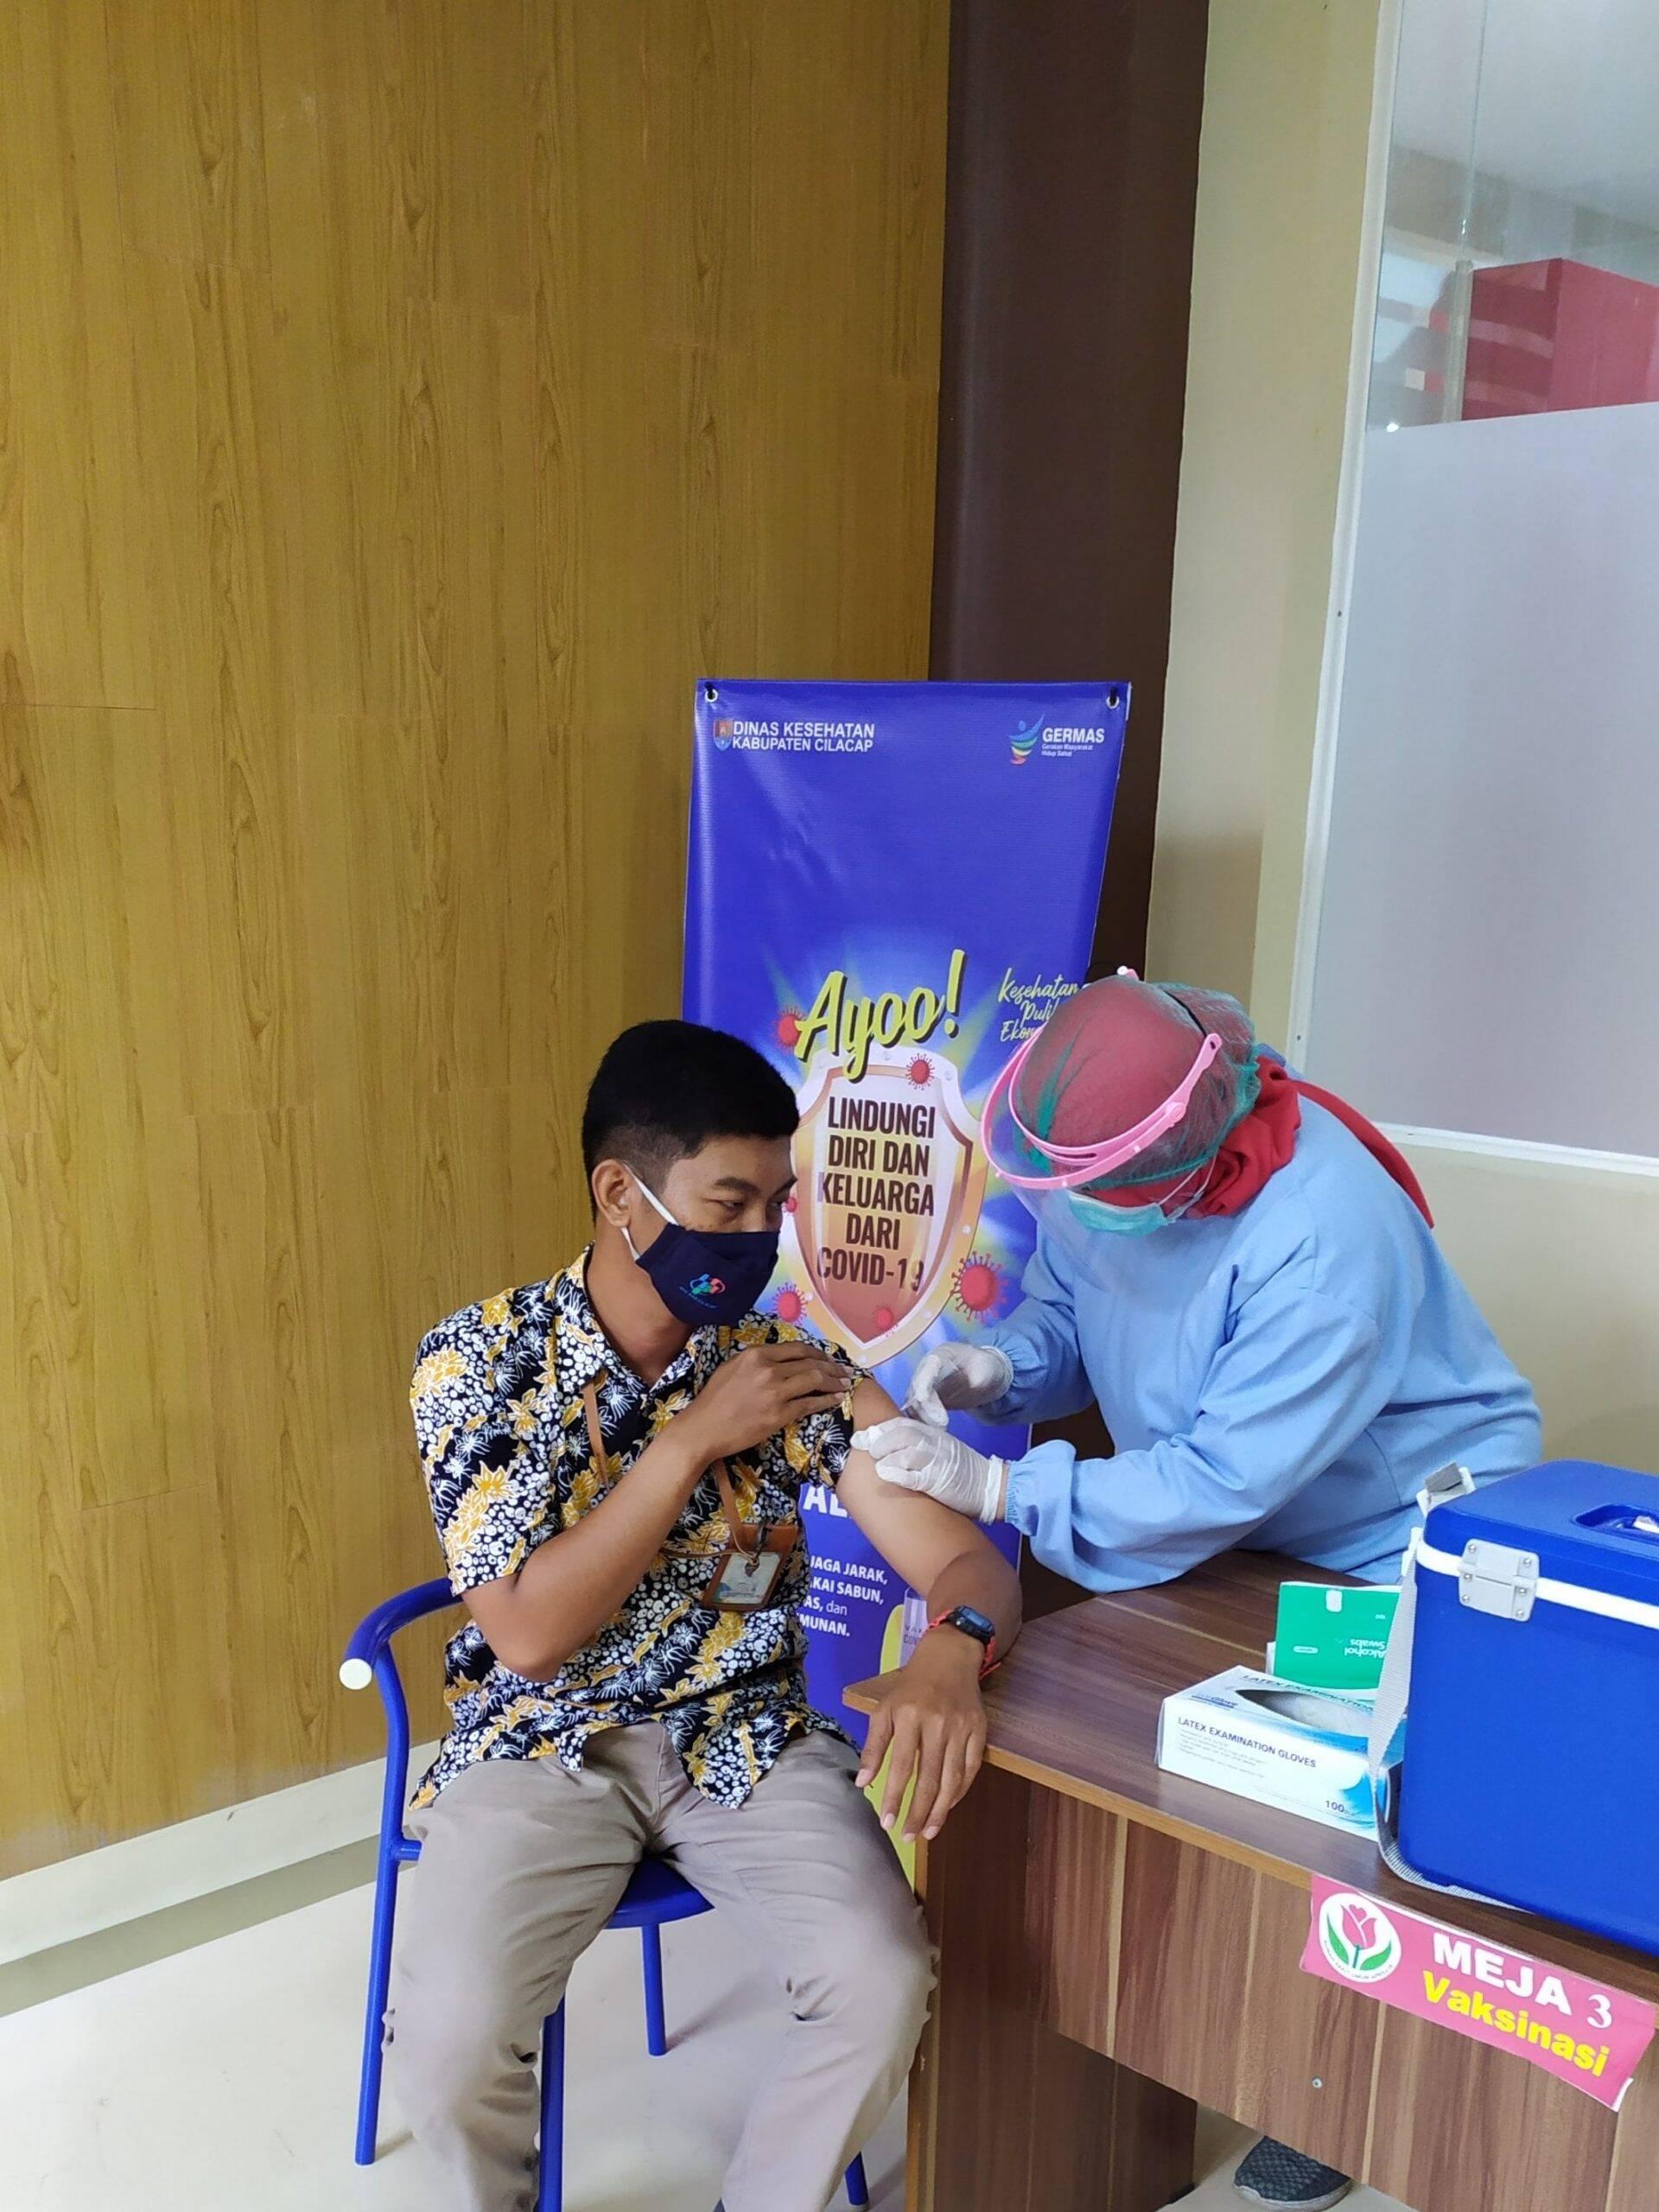 Após a vacinação desse grupo, será a vez de vacinar os imunossuprimidos. (Foto: Unsplash)